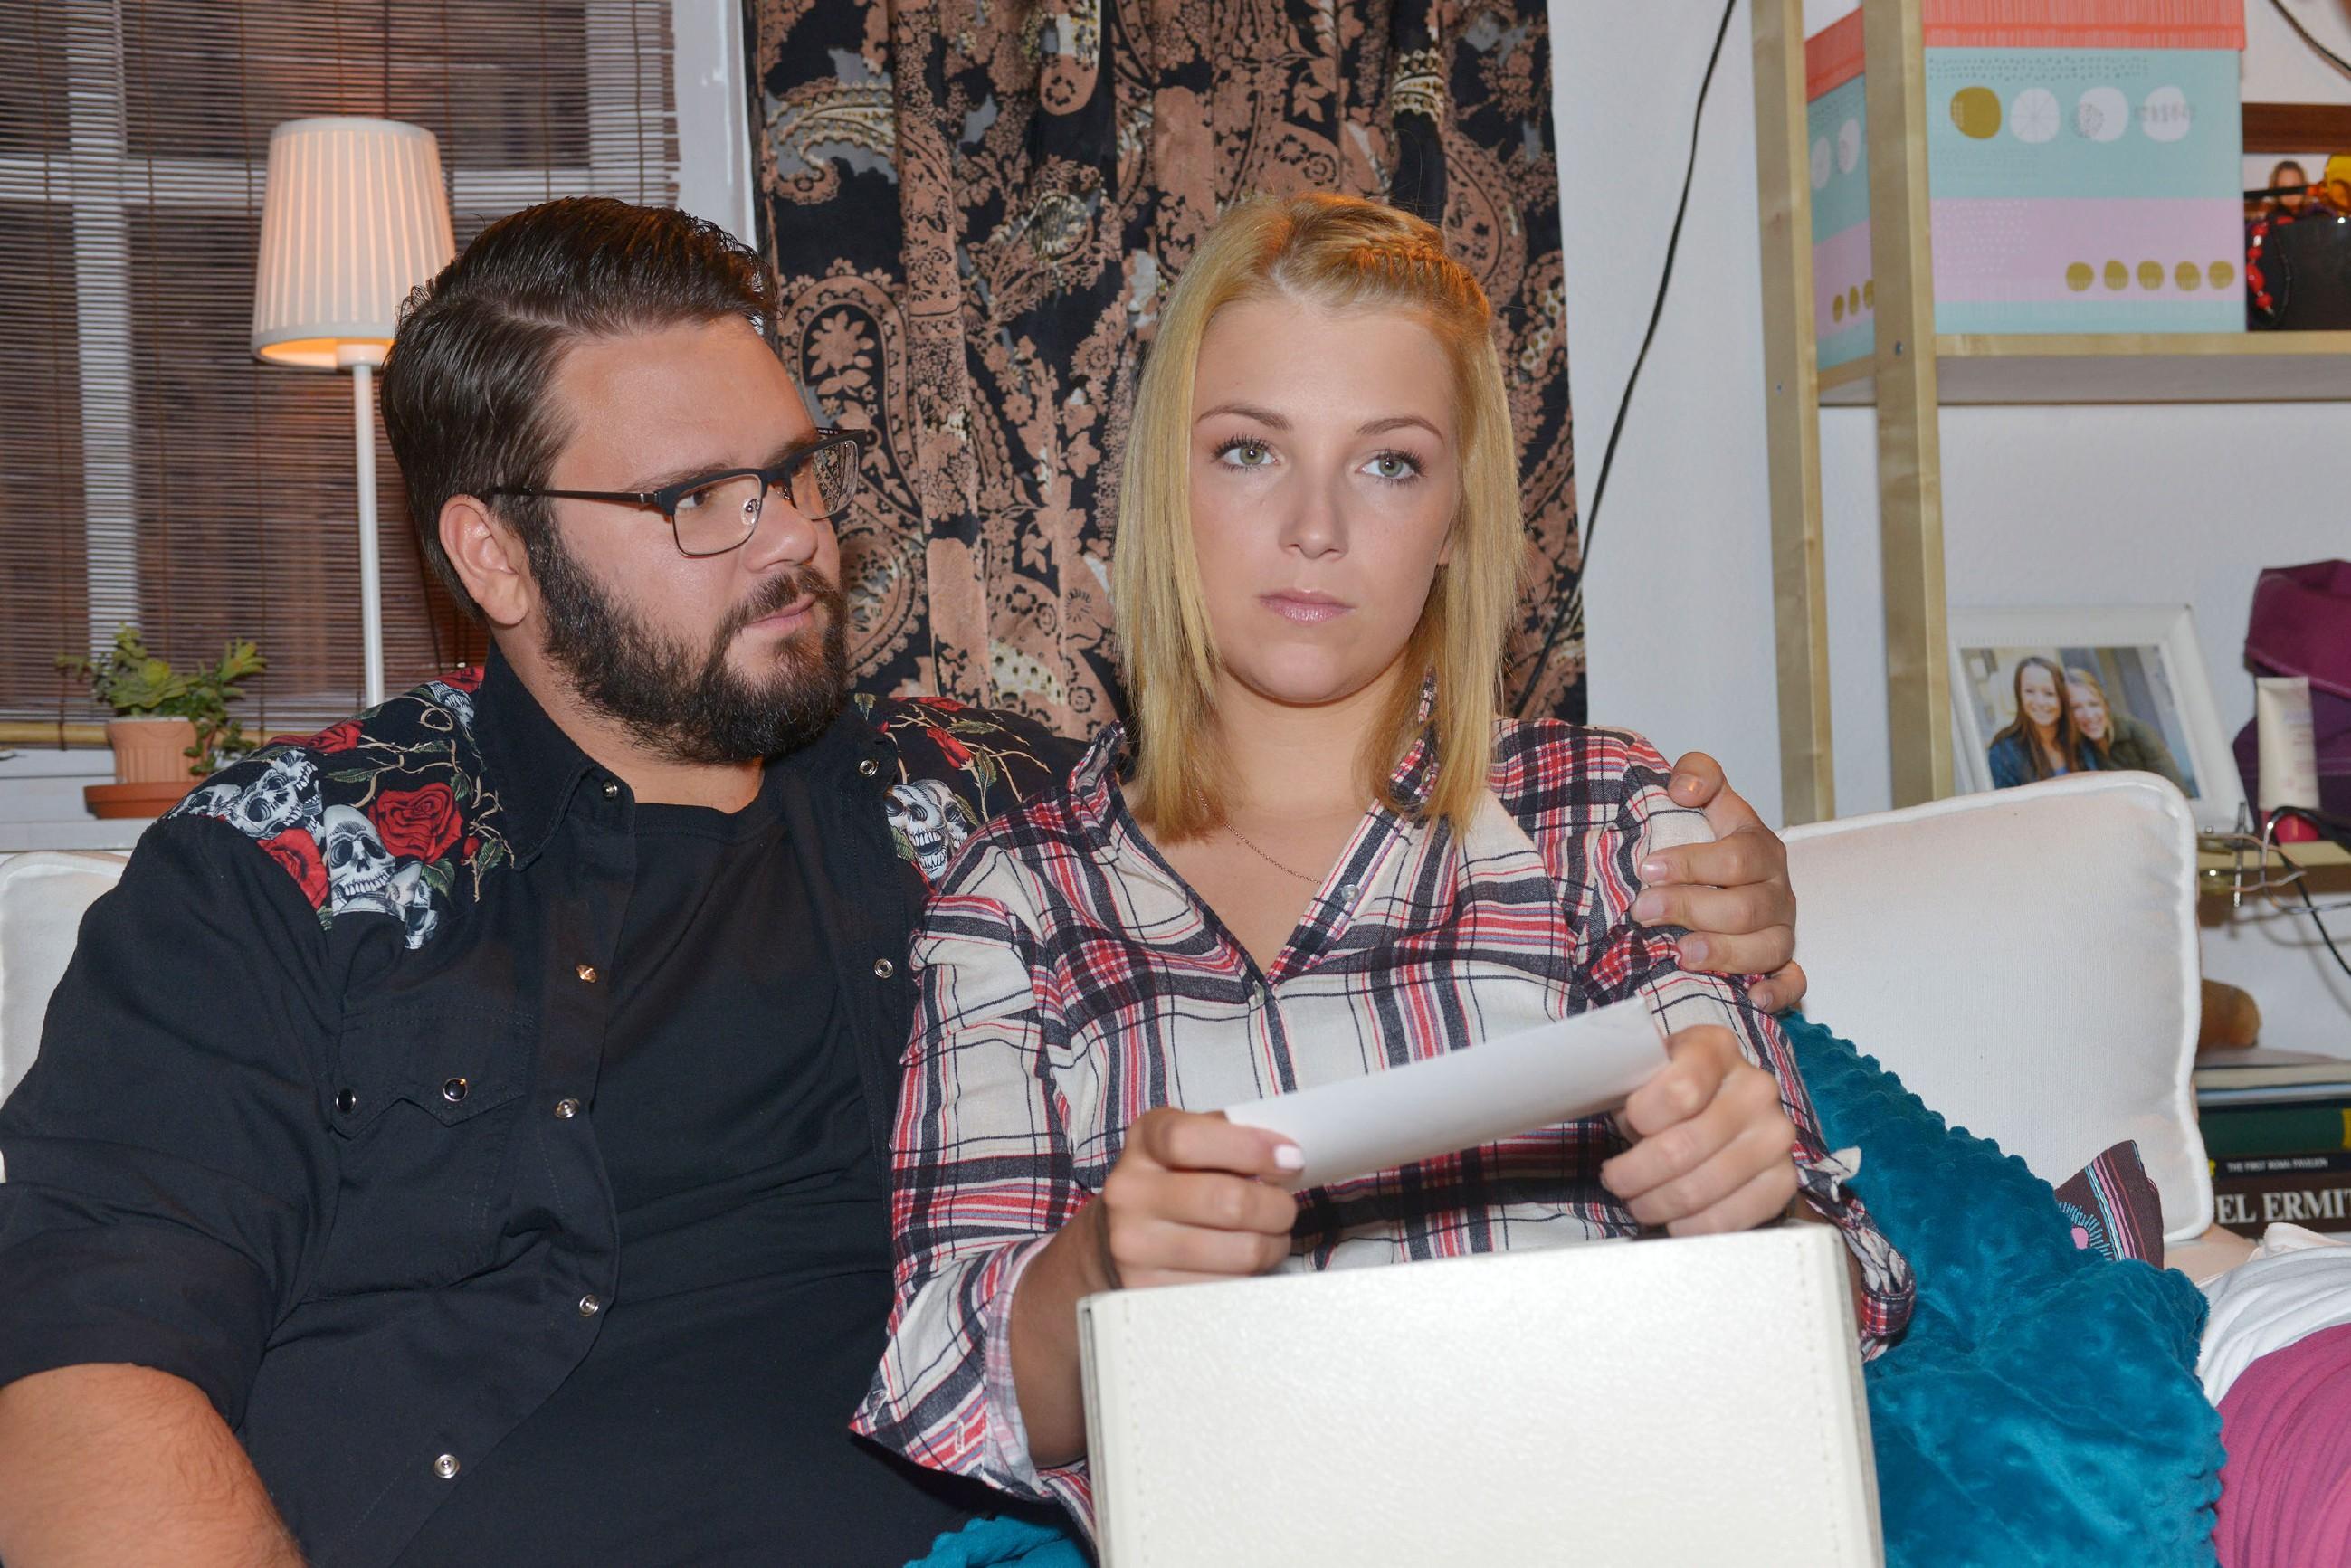 Nach ihrer erfolglosen Suche nach Amar, findet Lilly (Iris Mareike Steen) Trost bei Tuner (Thomas Drechsel) und erkennt, dass sie endlich mit Amar abschließen muss. (Quelle: RTL / Rolf Baumgartner)